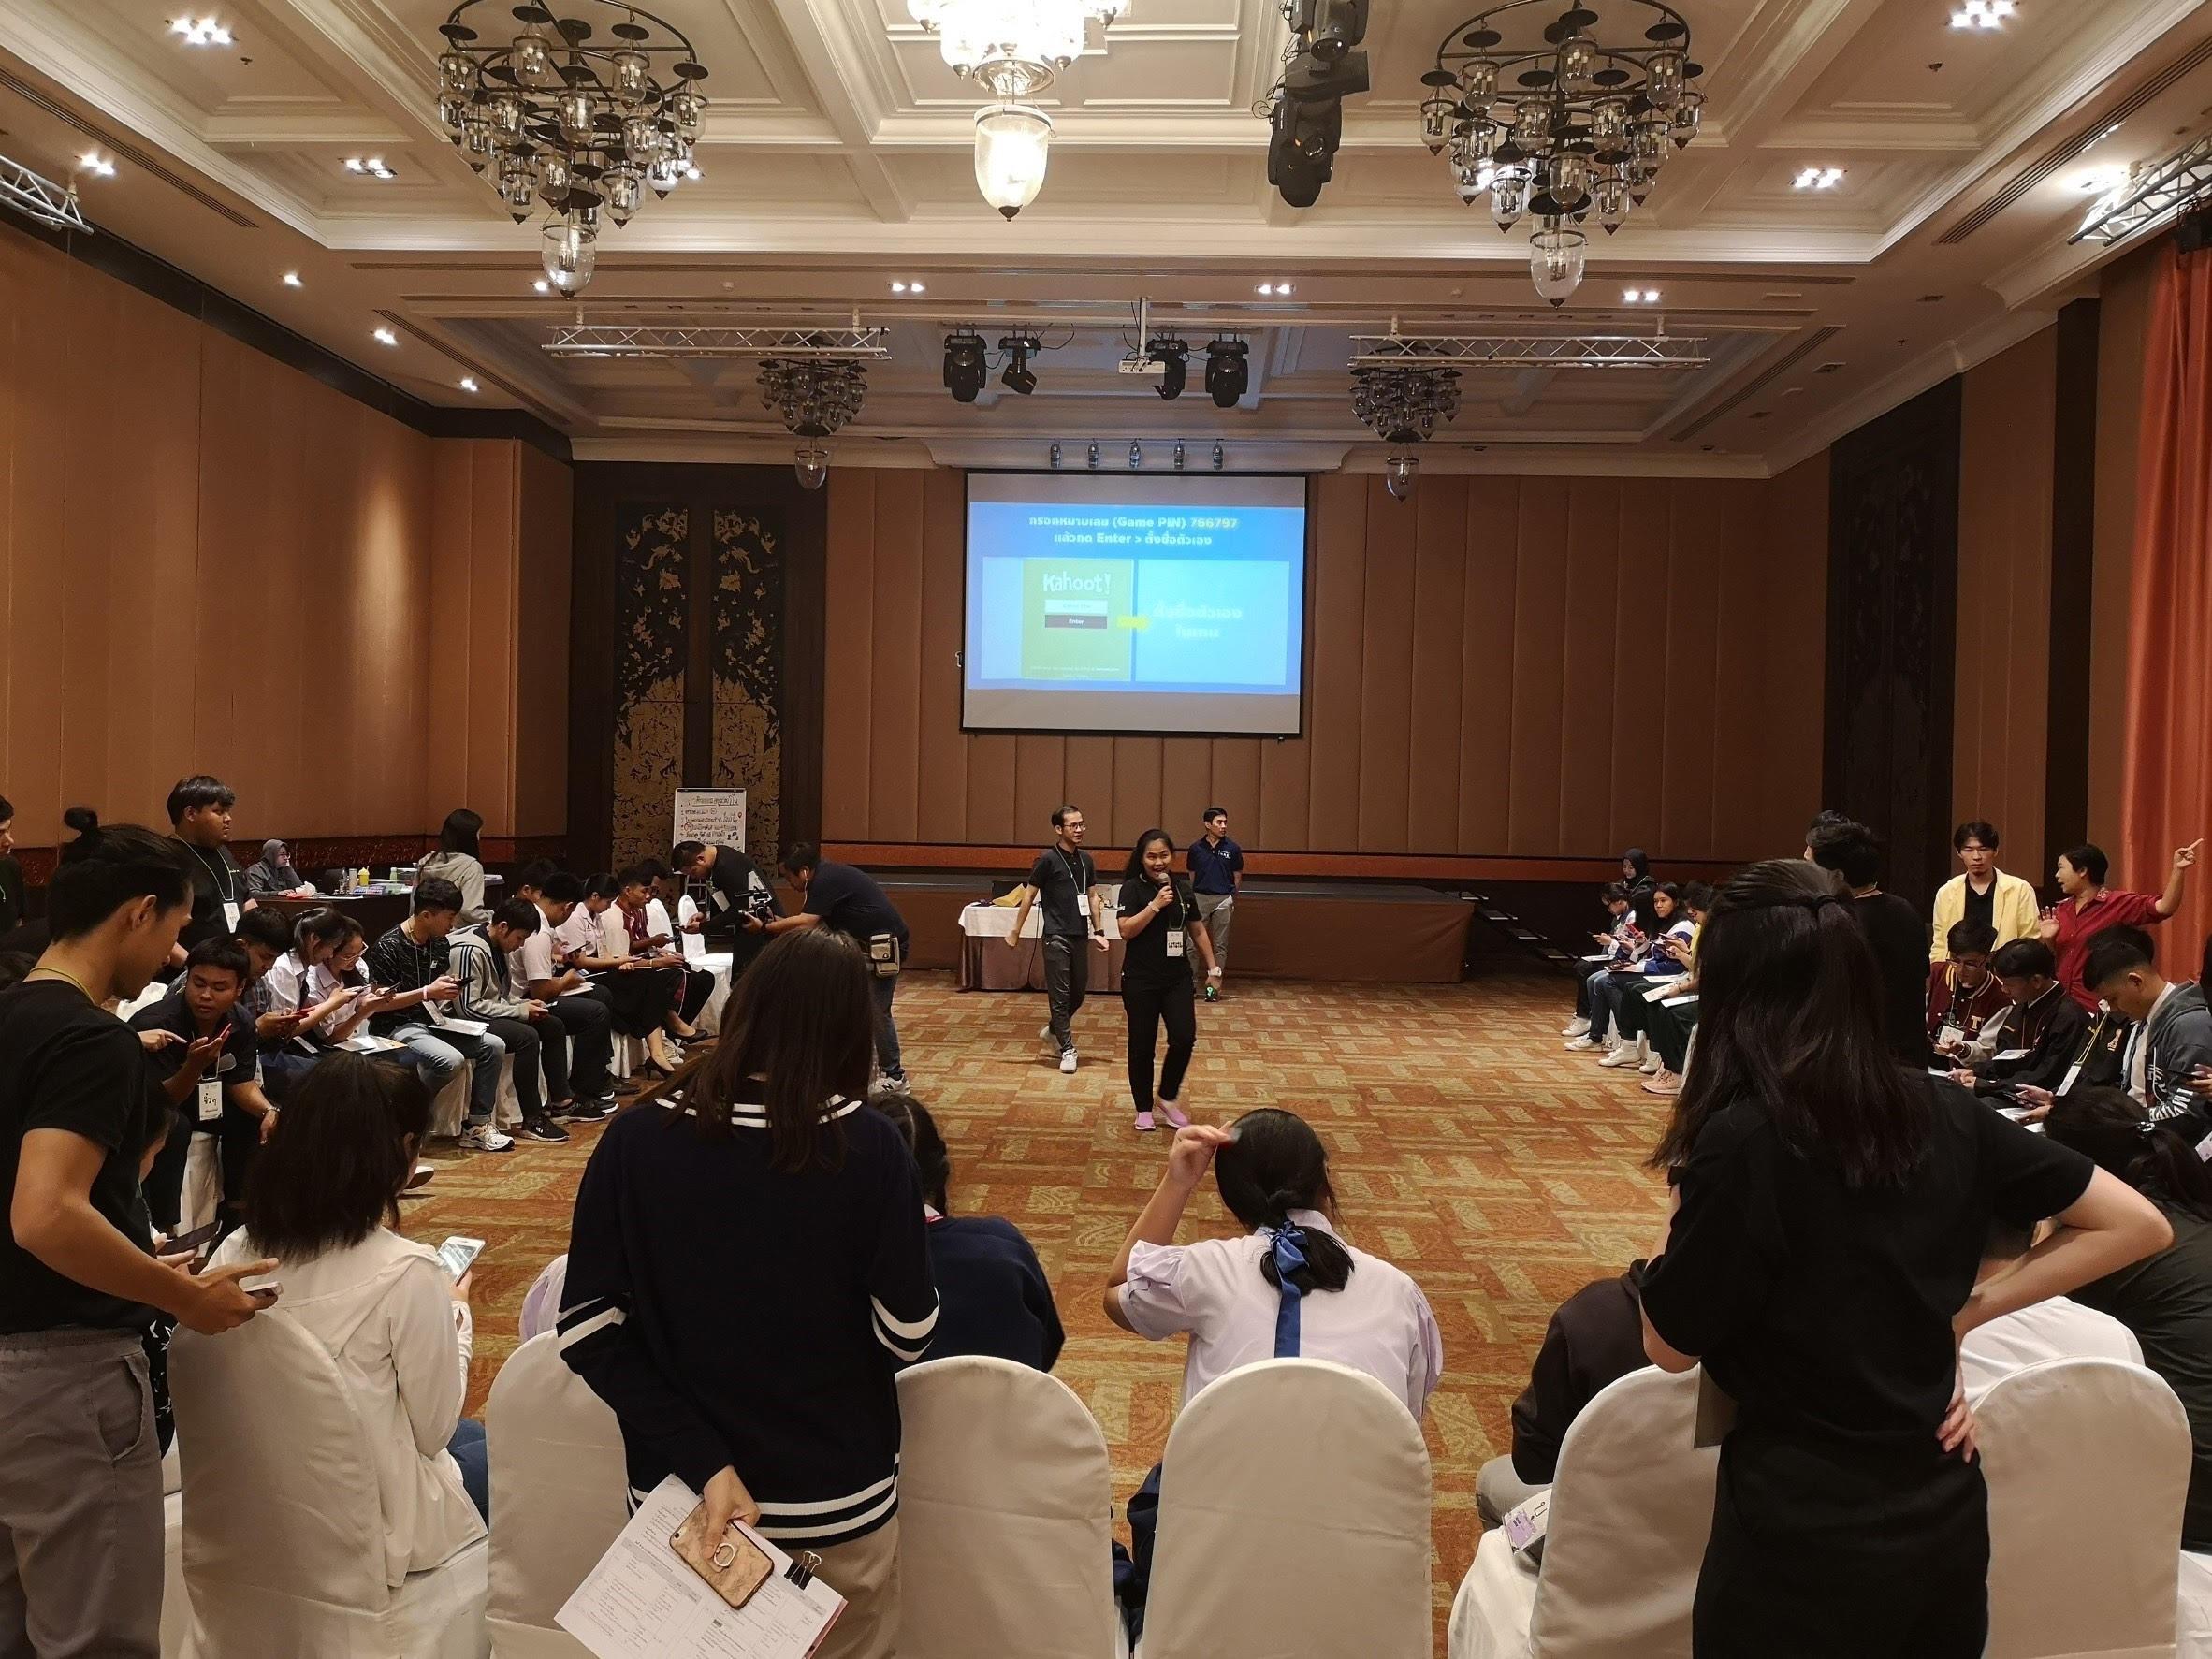 พิธีเปิดประชุมเชิงปฏิบัติการงานประกวดนวัตกรรมสร้างเสริมสุขภาพ ครั้งที่ 2  thaihealth